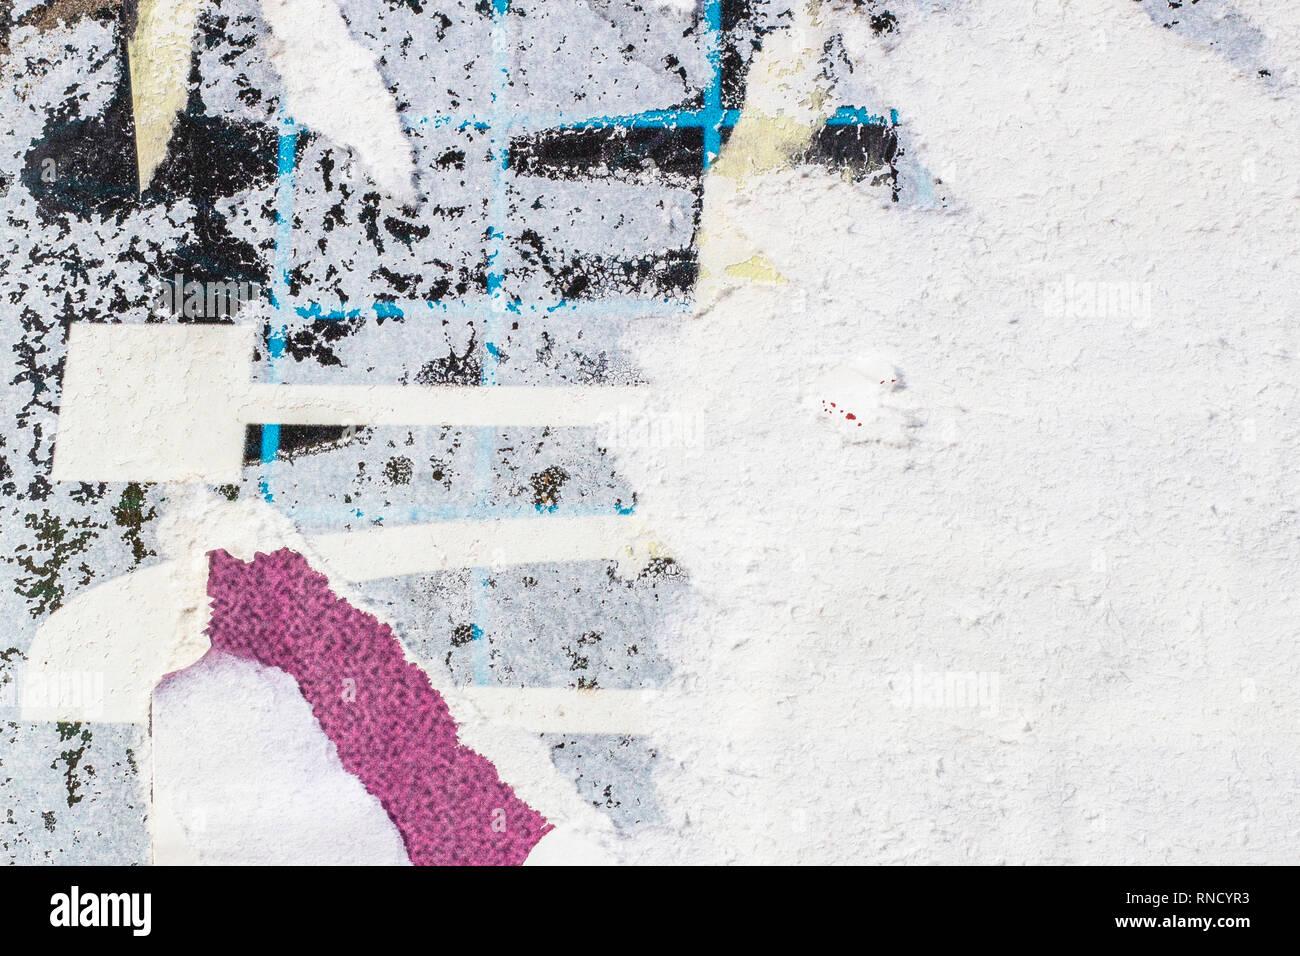 Affiches anciennes de papier froissé froissé déchiré déchiré grunge textures Toile Surface de milieux Photo Stock